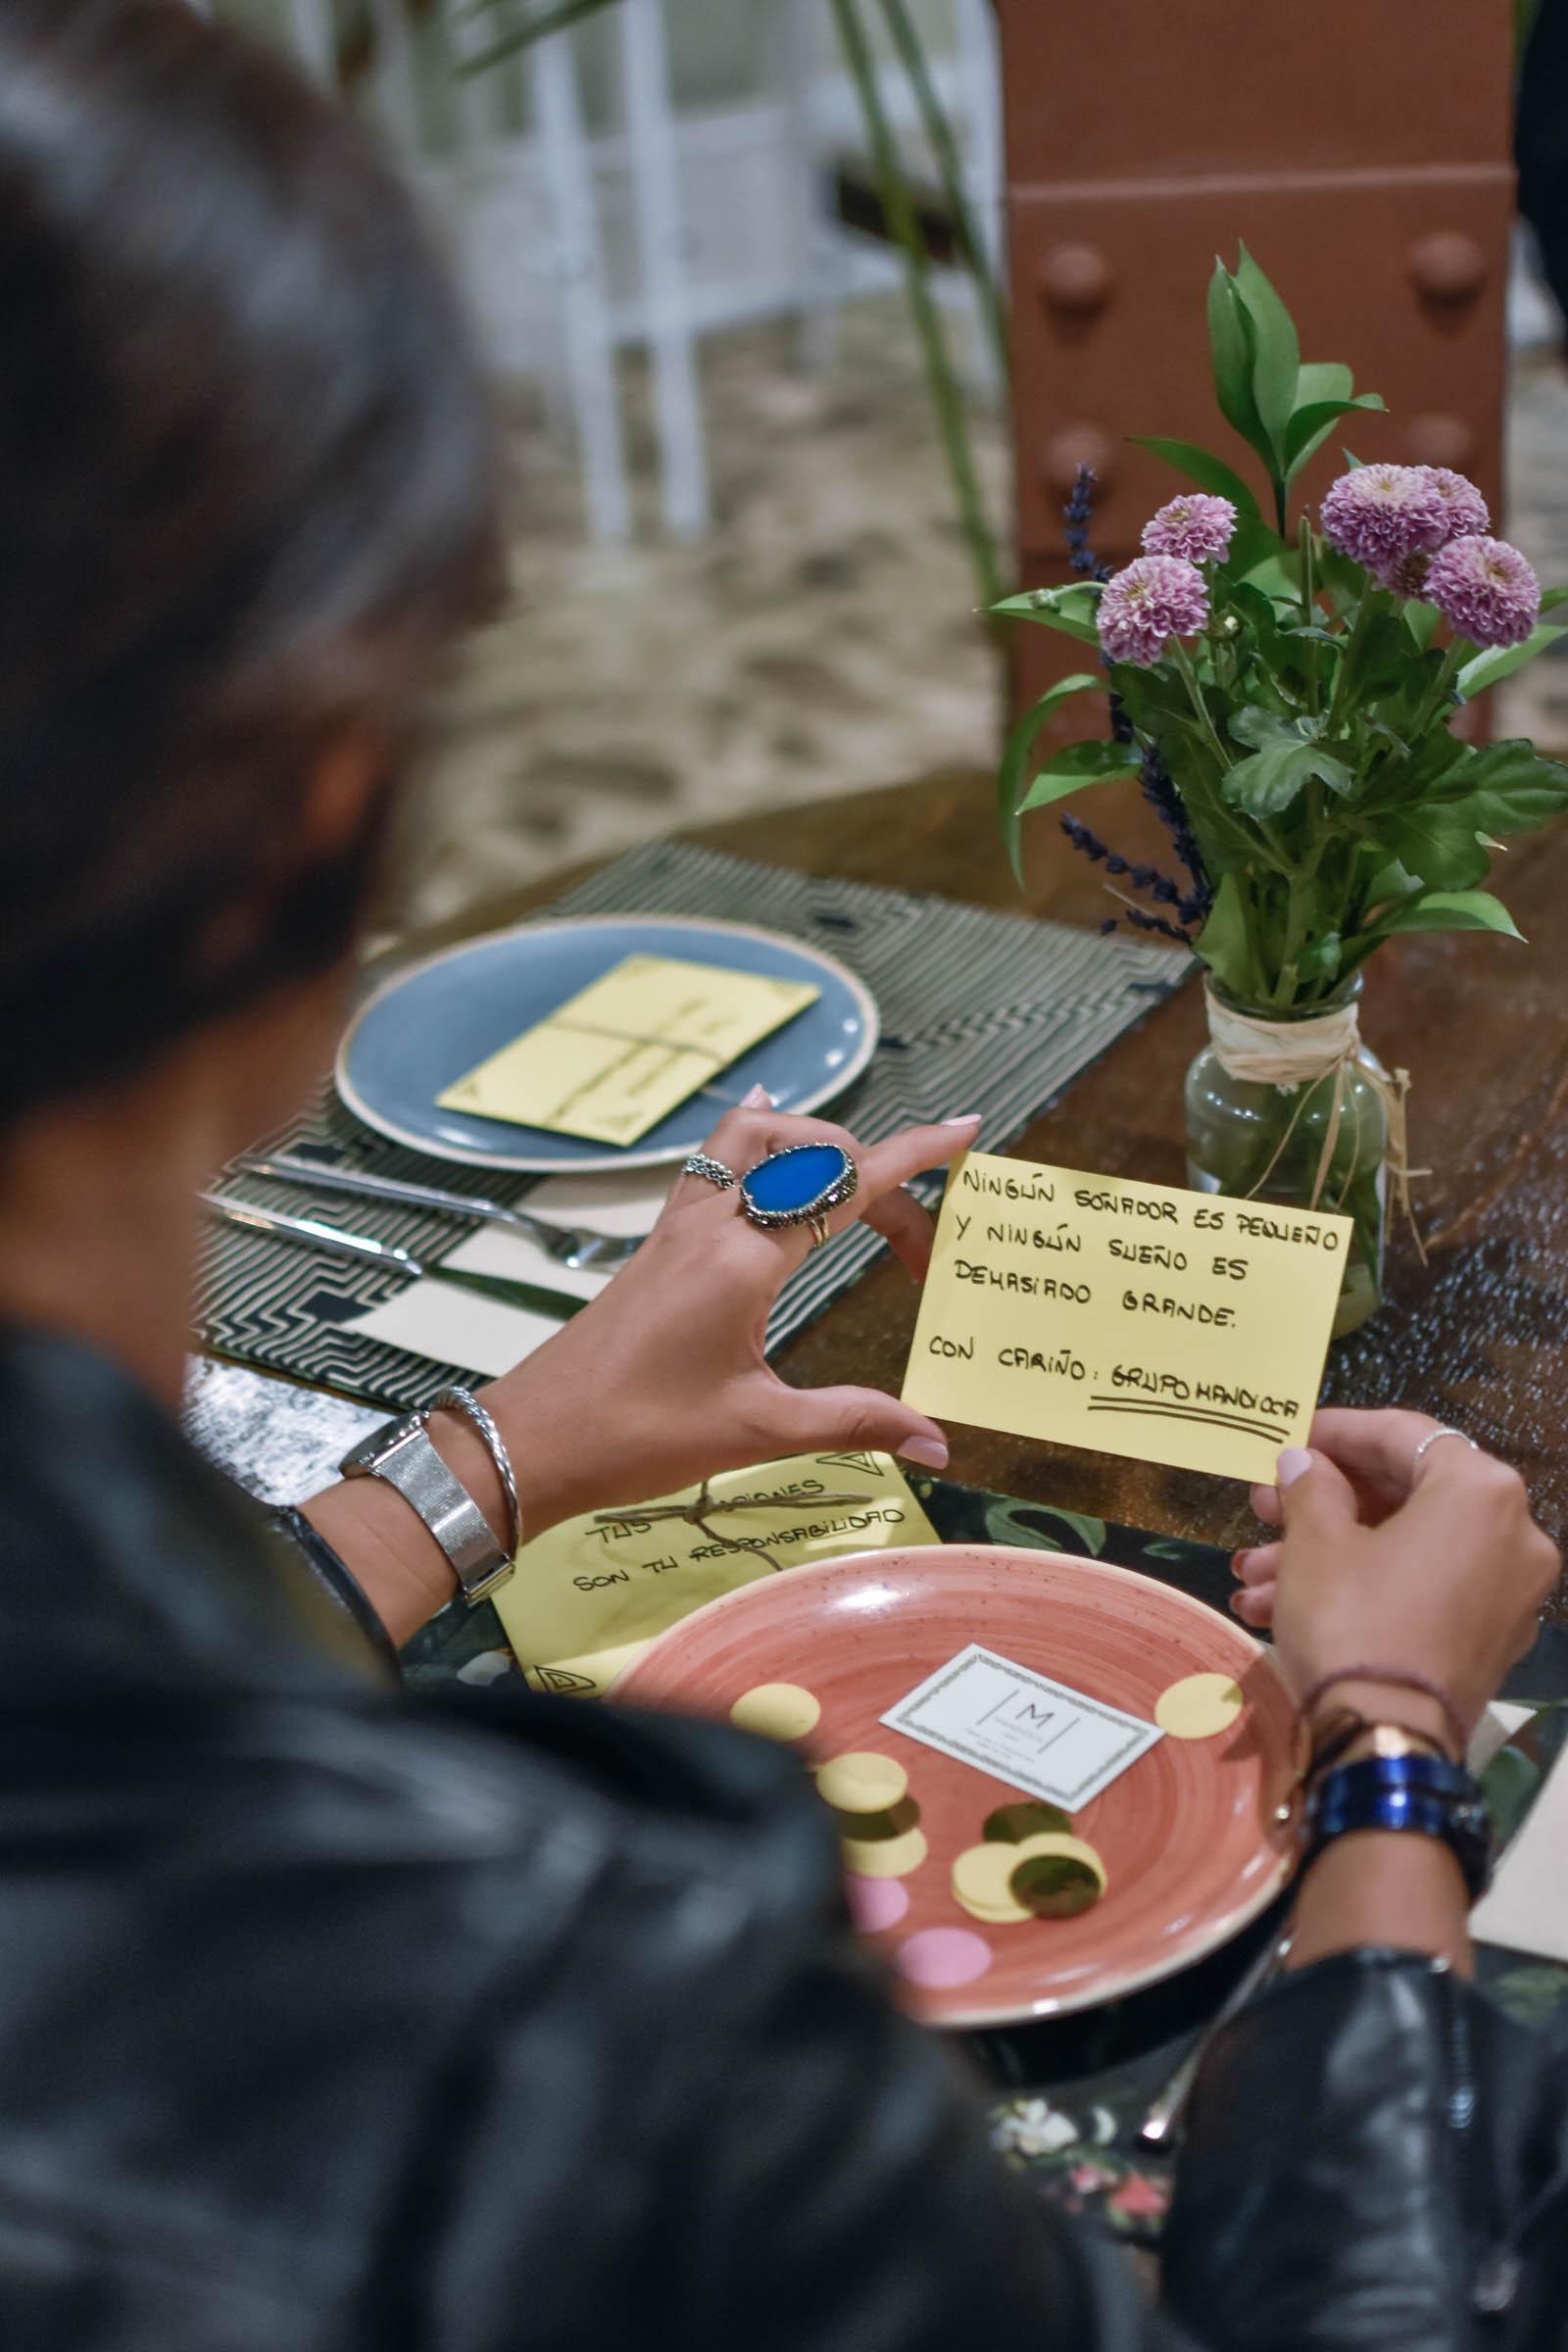 el-blog-de-silvia-rodriguez-lifestyle-primer-aniversario-mandioca-embajadora